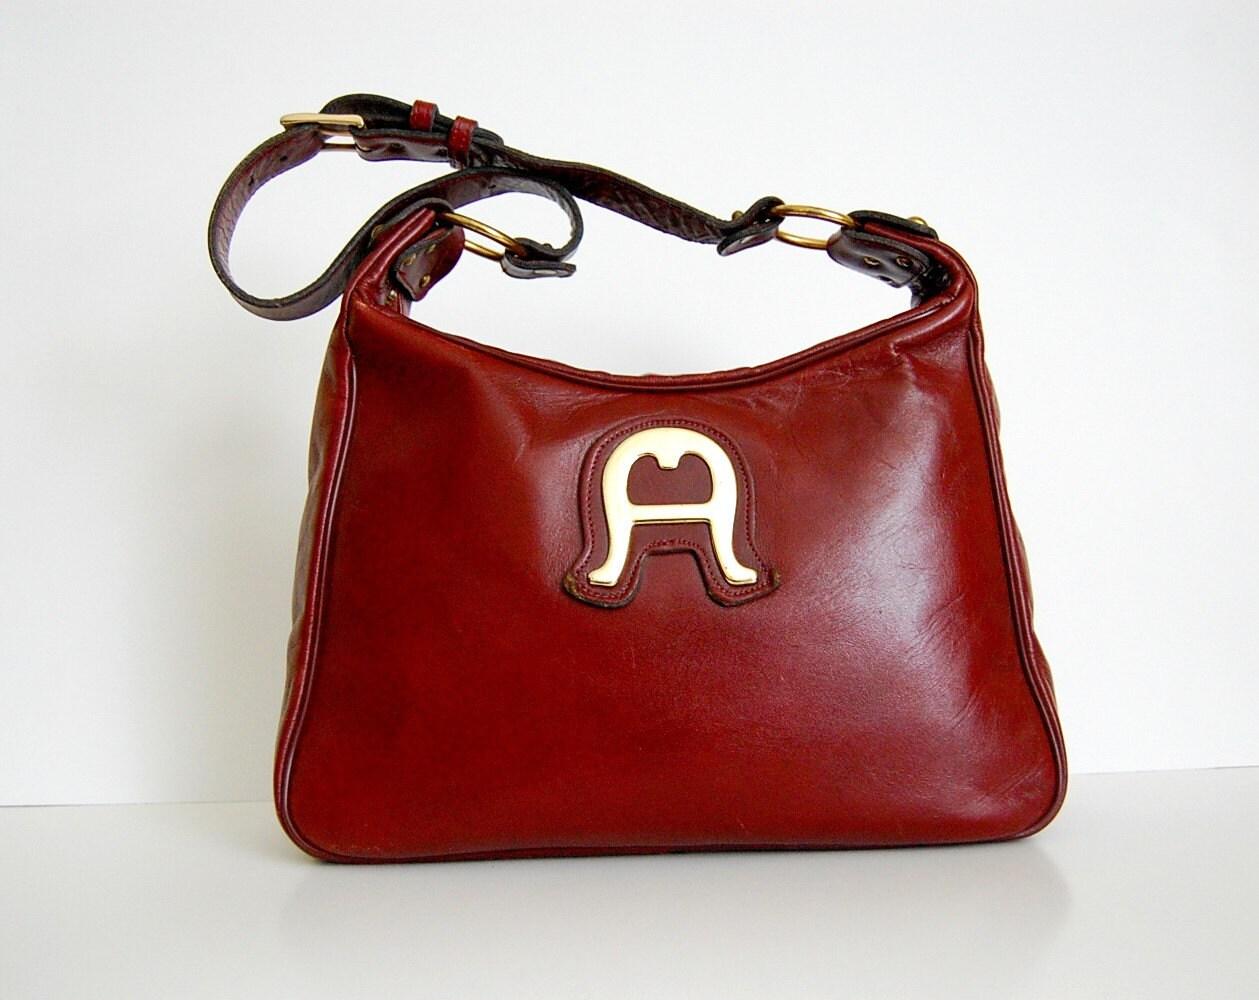 Vintage 1960s Etienne Aigner SADDLE Handbag